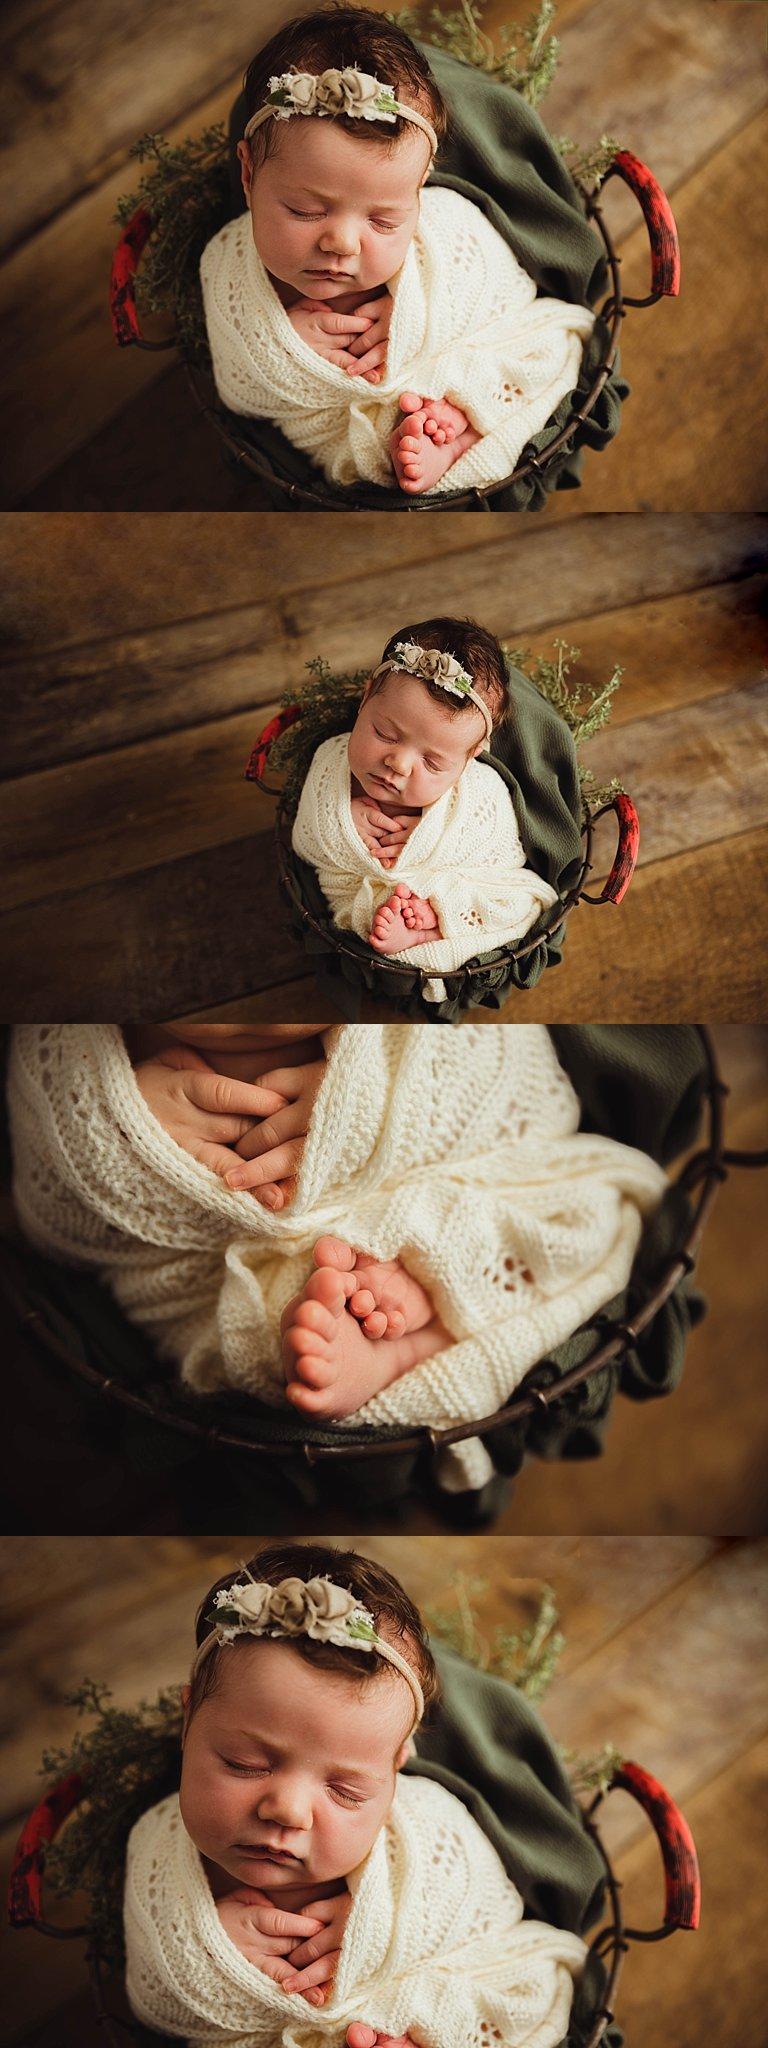 20181222-lake-ozarks-camdenton-studio-picture-best-newborn-photographer-missouri-baby-camdenton-mo-07.jpg